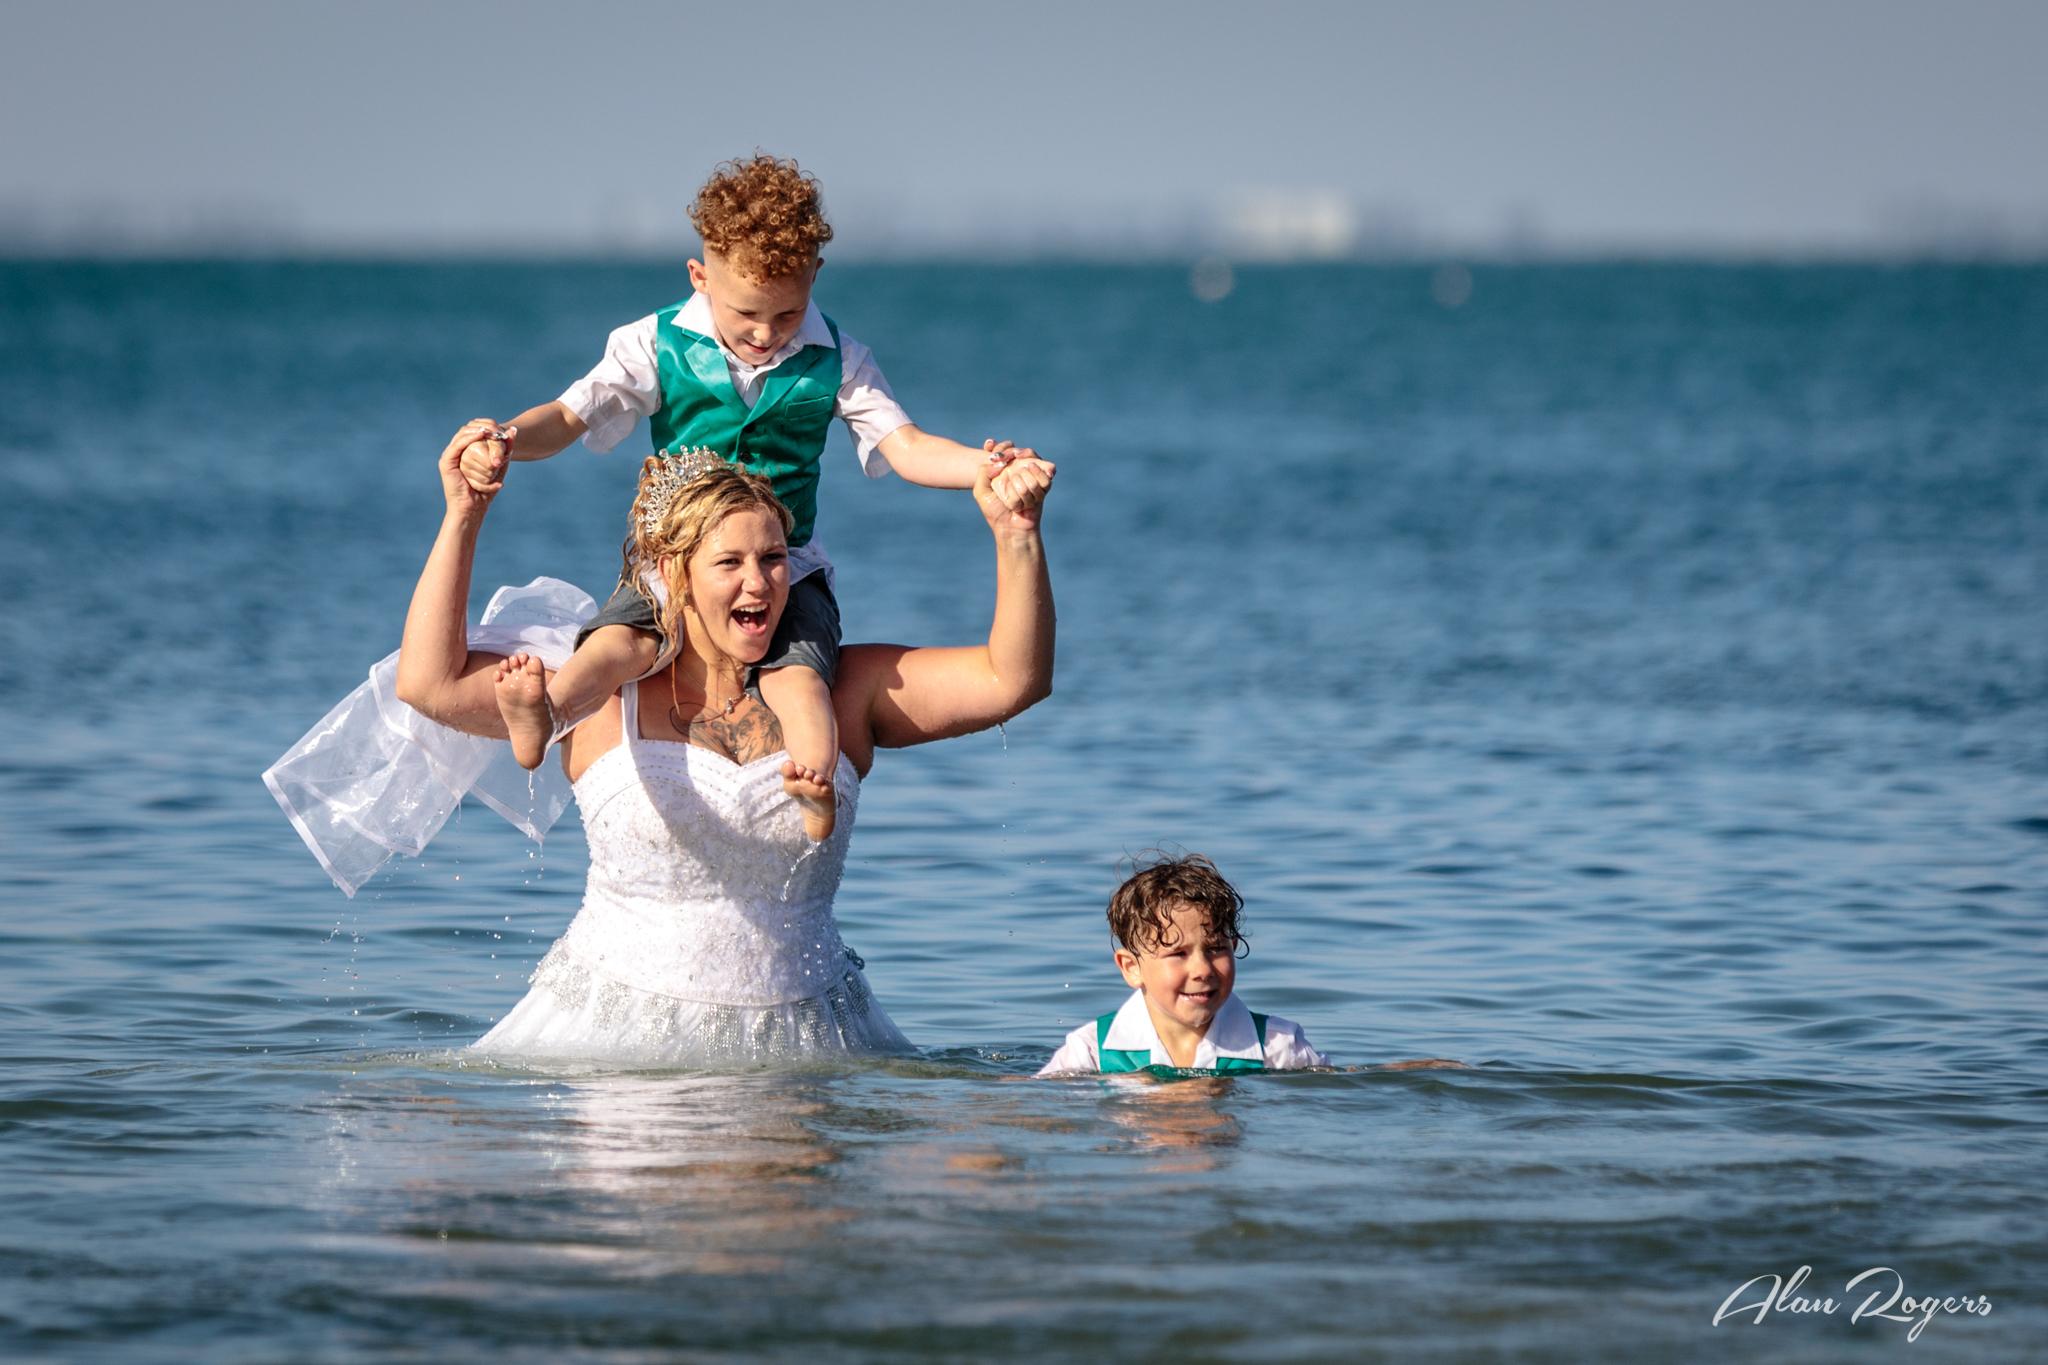 Cooling Off - Main Beach, Geelong, Australia.